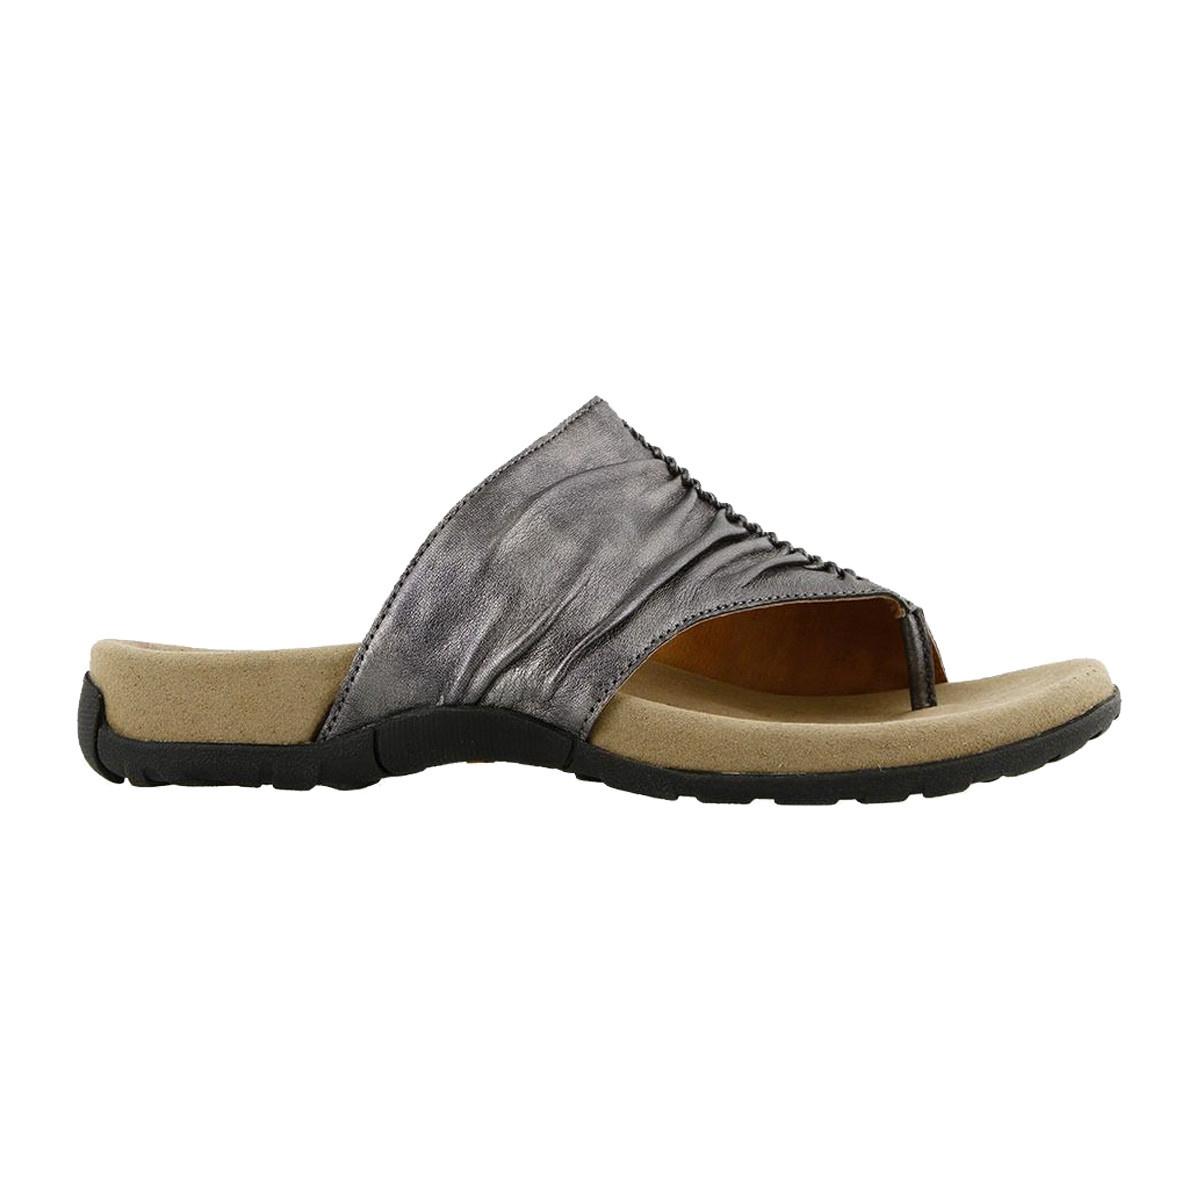 Taos Footwear Taos Women's Gift II